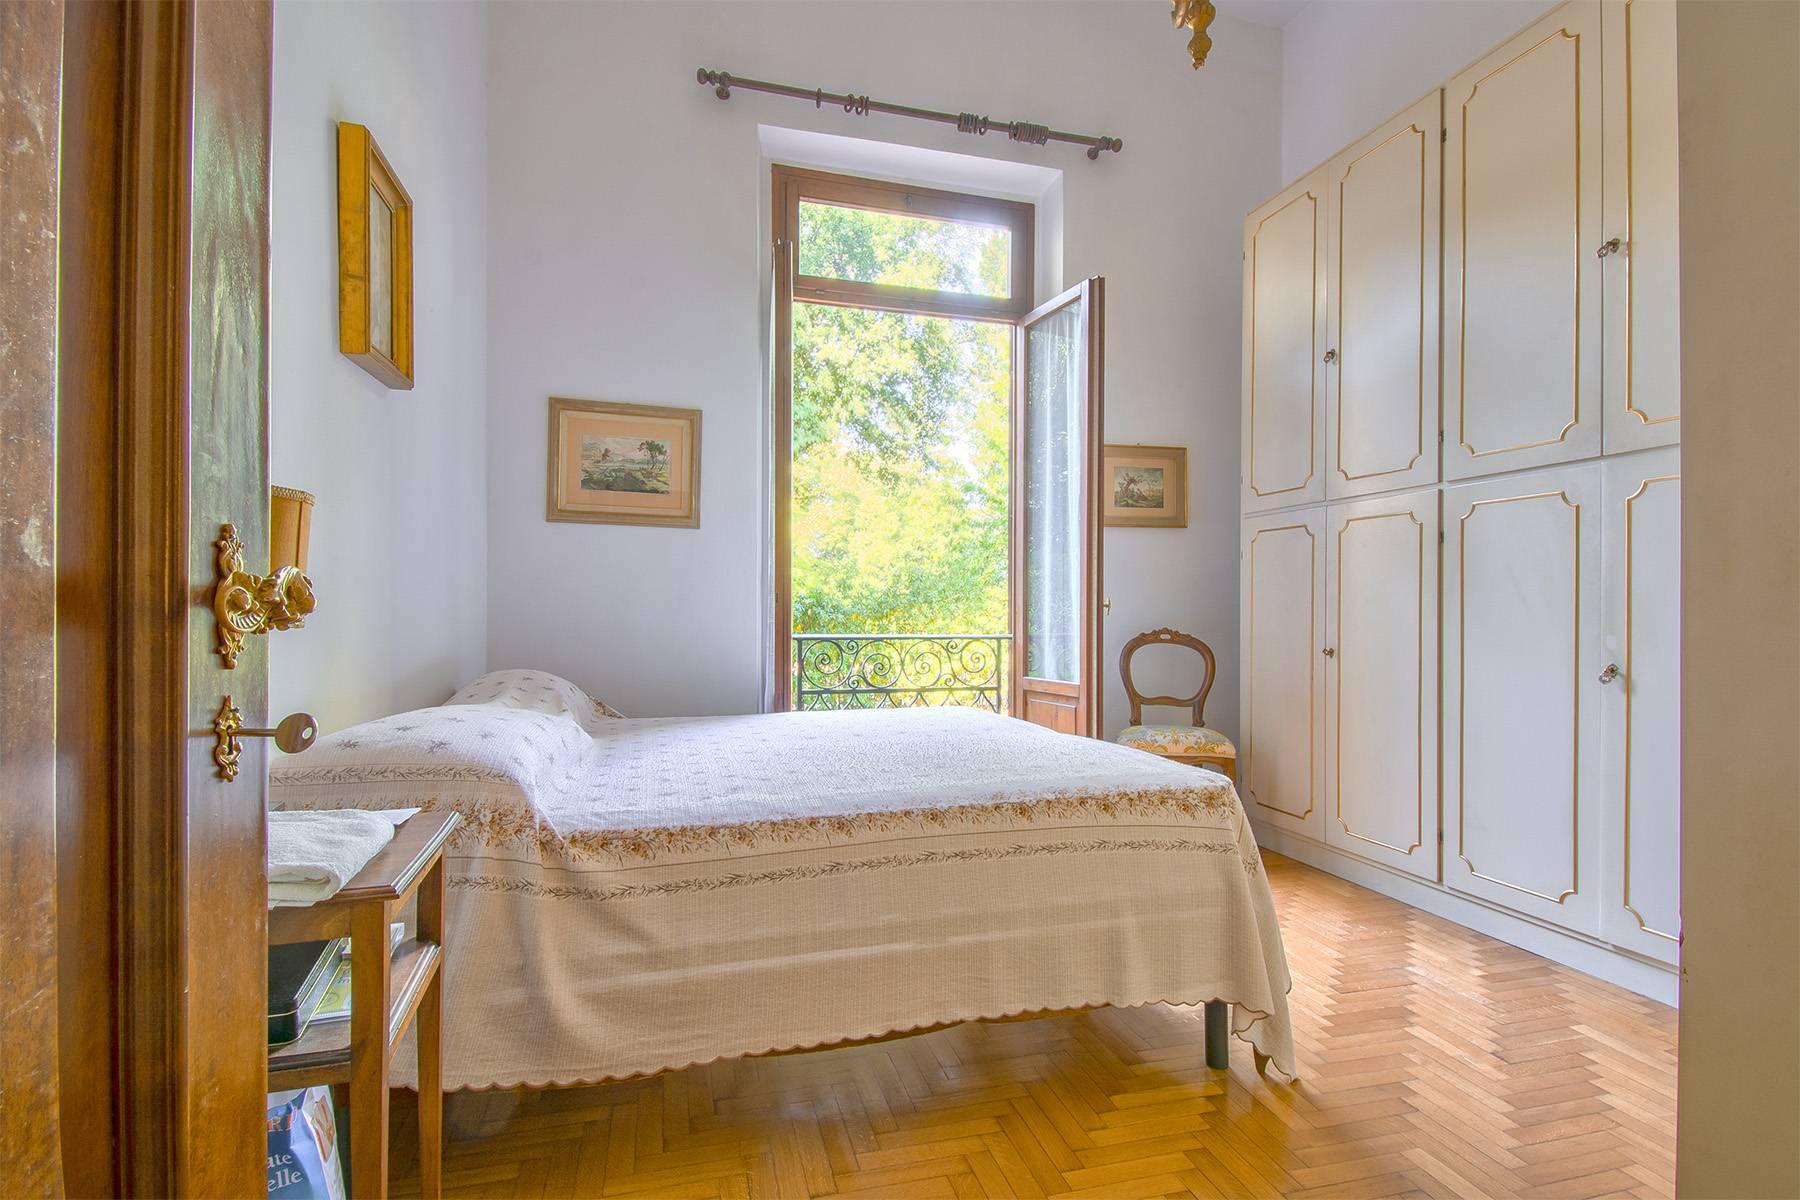 Exquisite apartment in a historic villa - 16